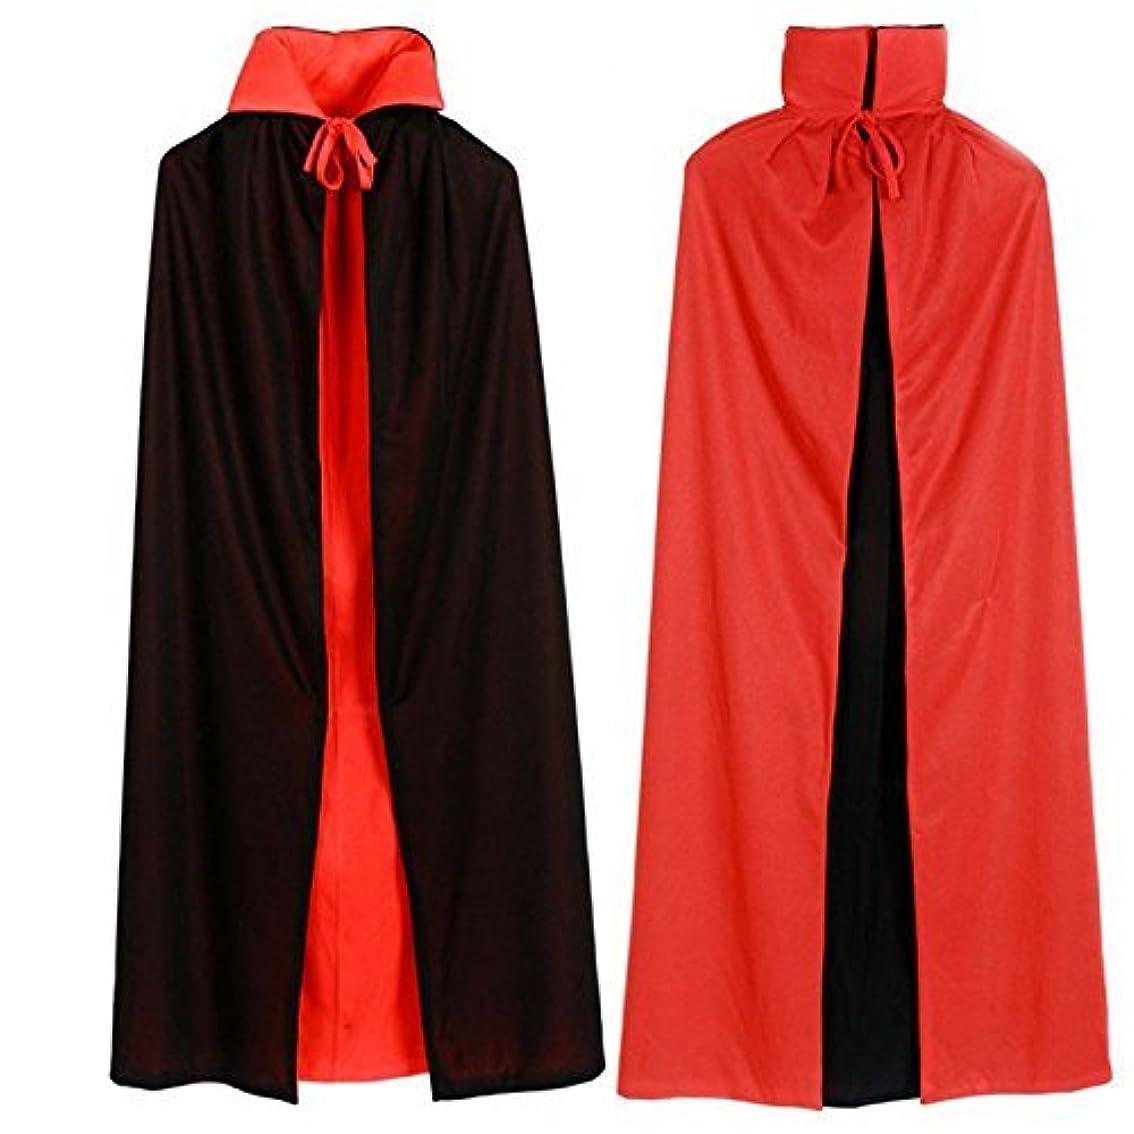 居眠りする制限する雰囲気ハロウィン クリスマス マント ドラキュラ風 赤黒 リバーシブル コスプレ イベント 衣装 (120cm)